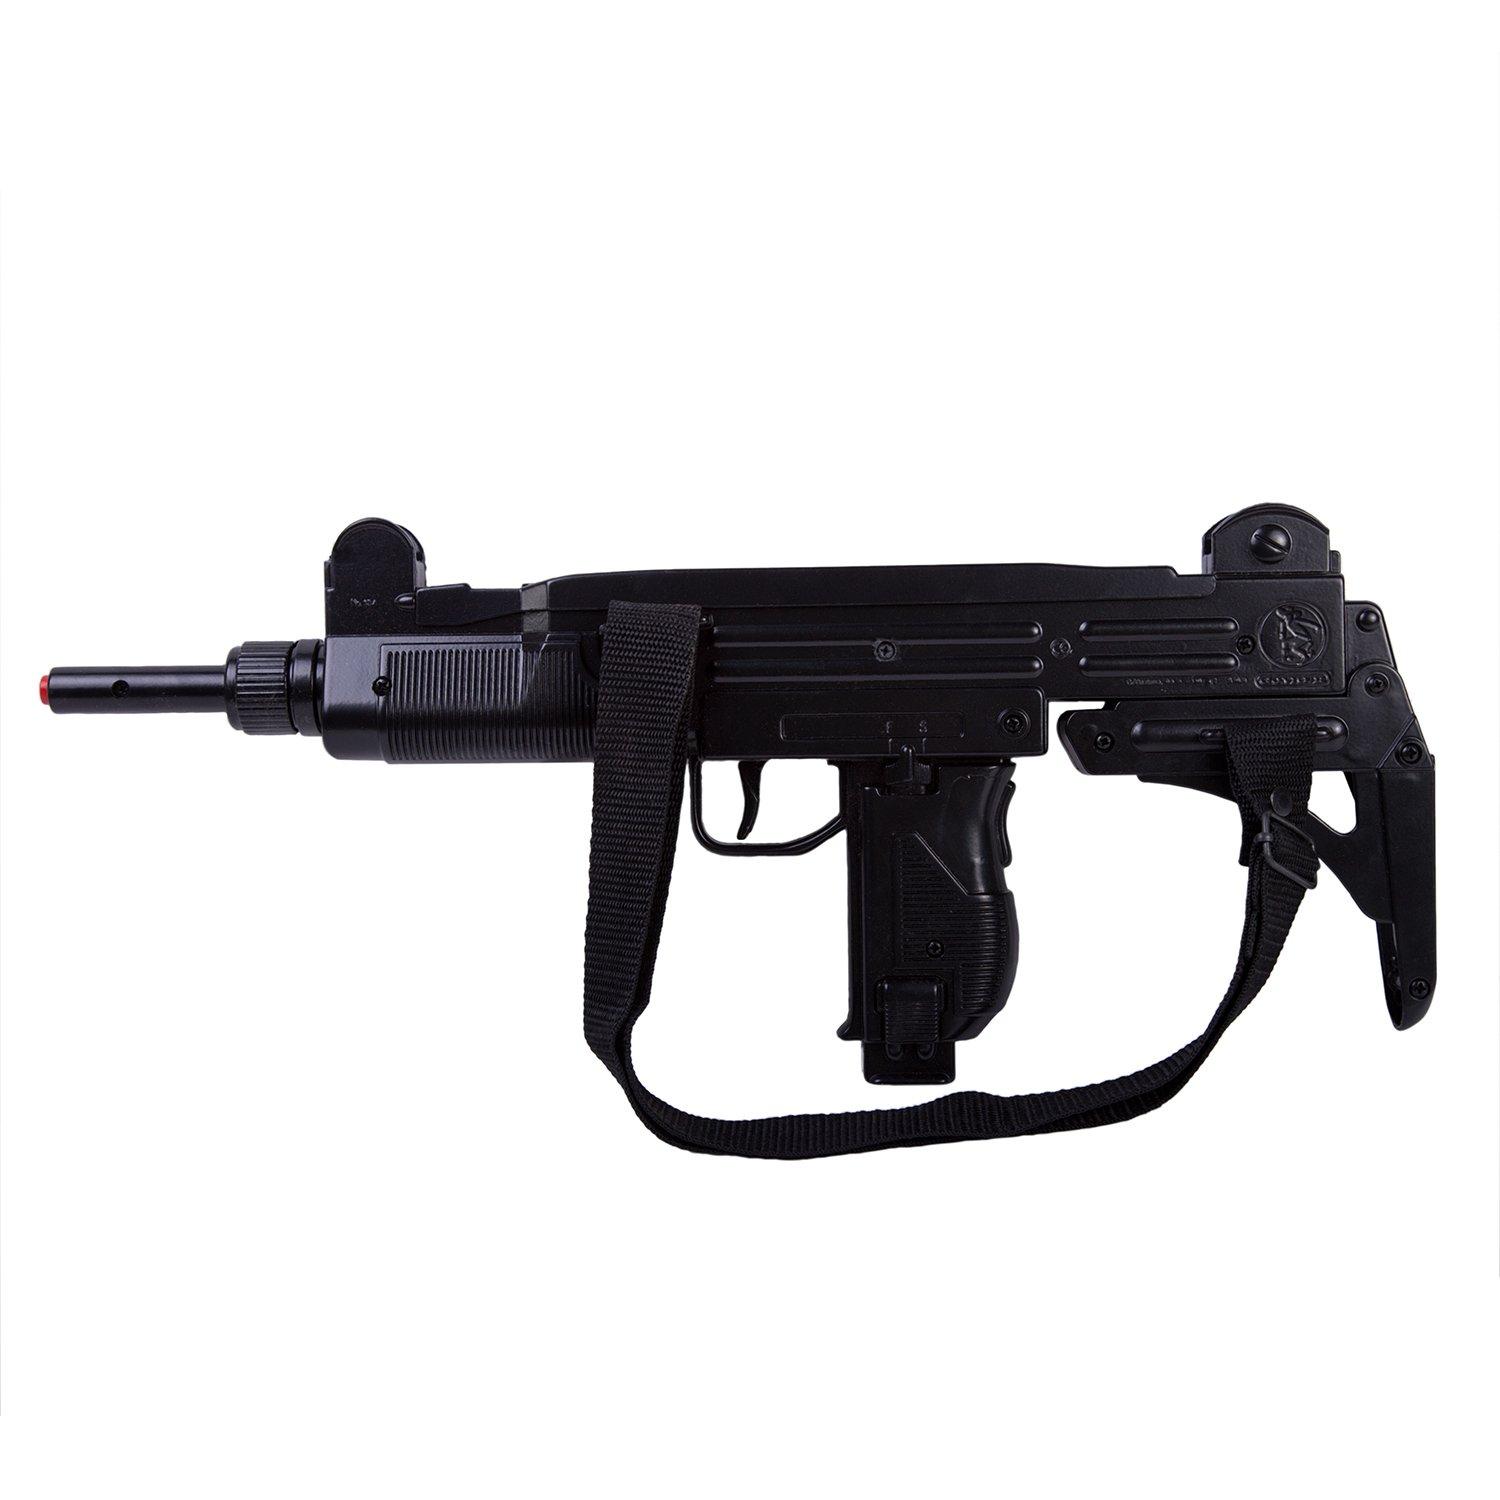 Купить Автоматическая винтовка на 12 пистонов, с плечевым ремнем, Gonher